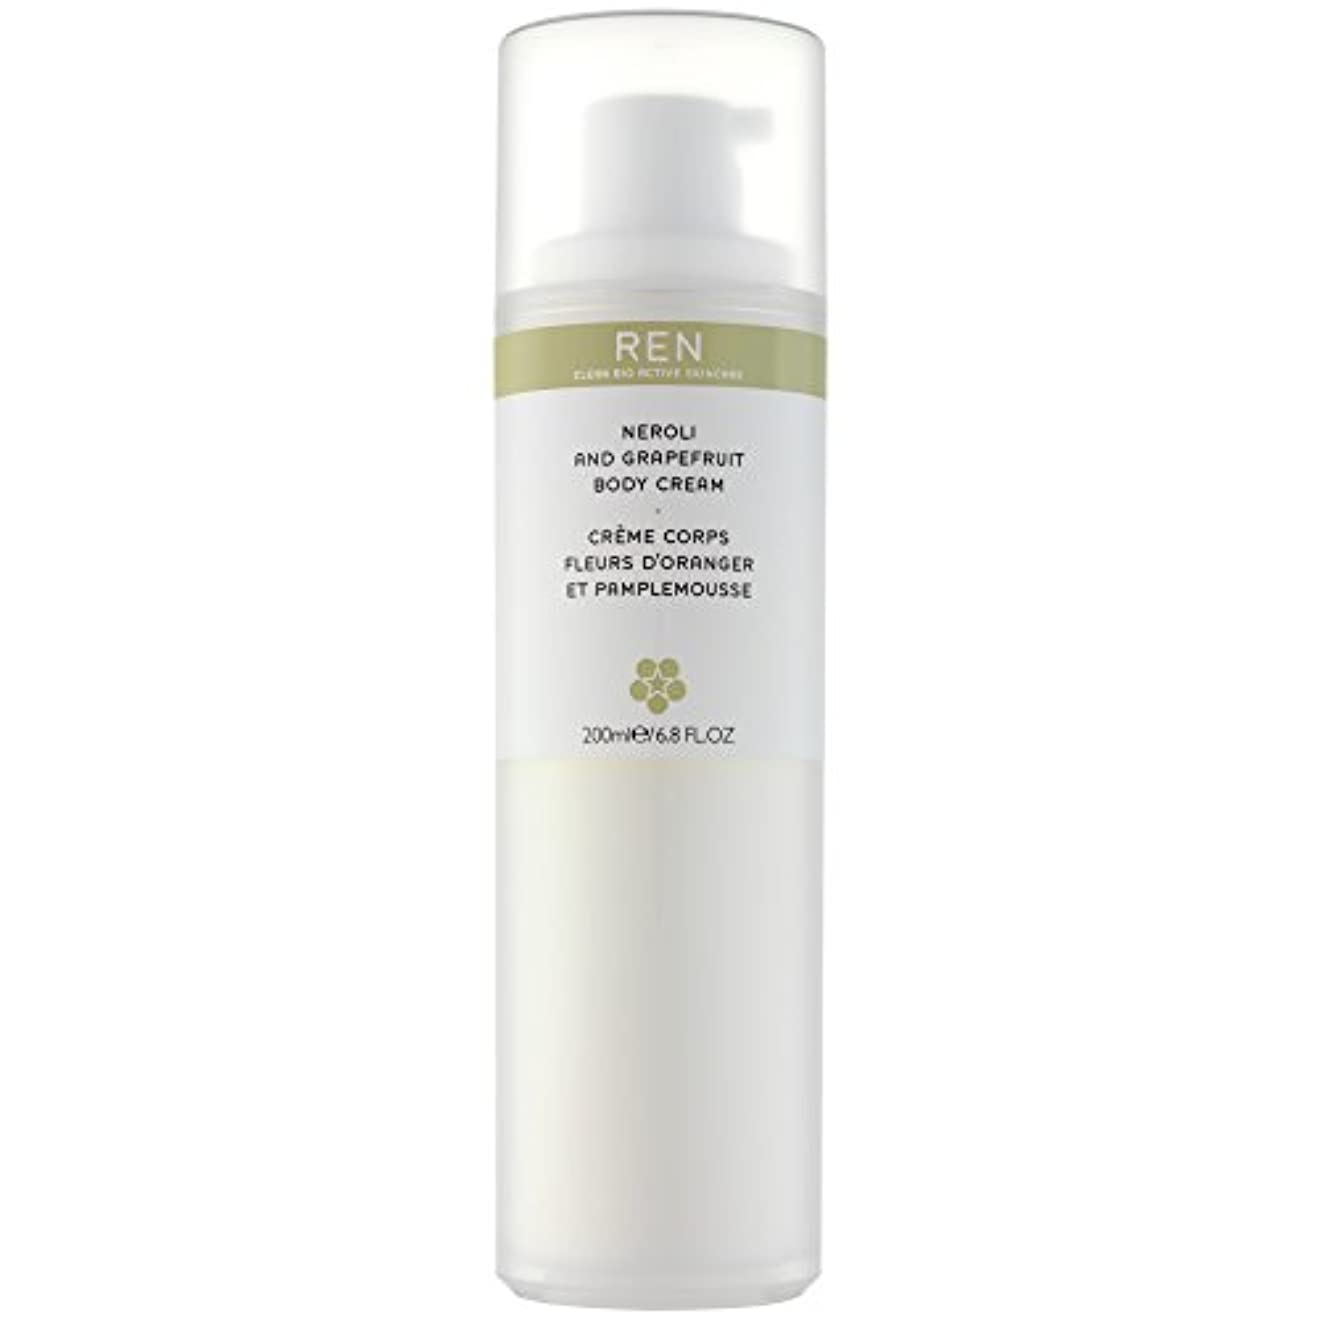 とげのあるヒョウ拮抗するRenネロリとグレープフルーツボディクリーム200ミリリットル (REN) (x2) - REN Neroli and Grapefruit Body Cream 200ml (Pack of 2) [並行輸入品]